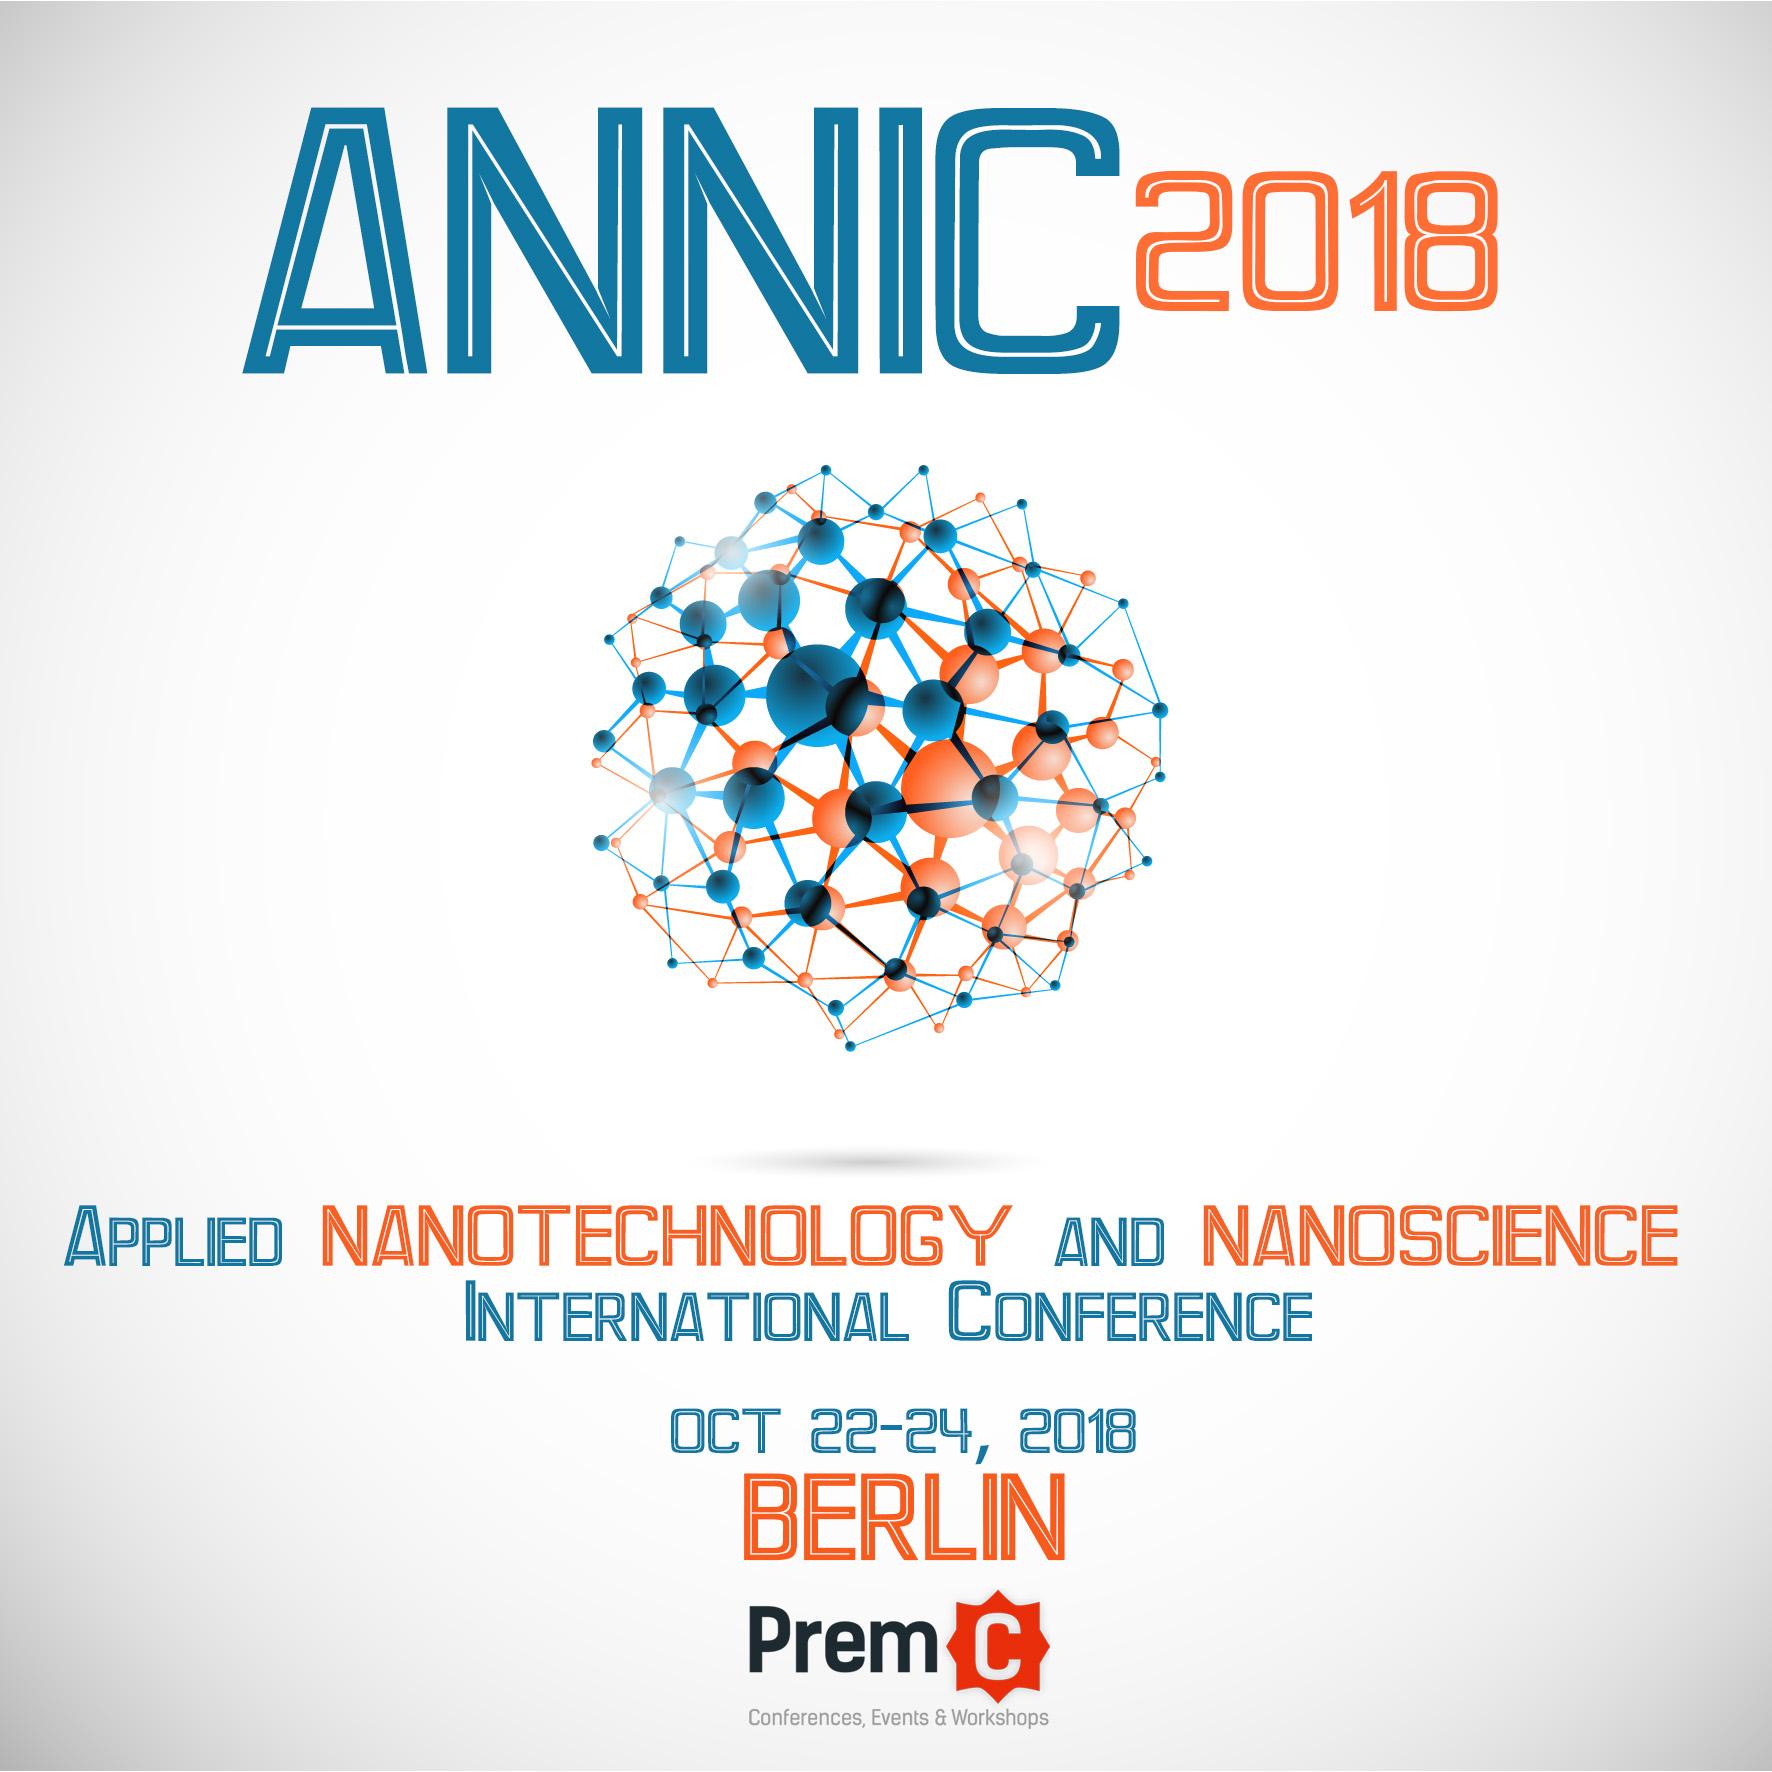 Applied Nanotechnology and Nanoscience International Conference 2018